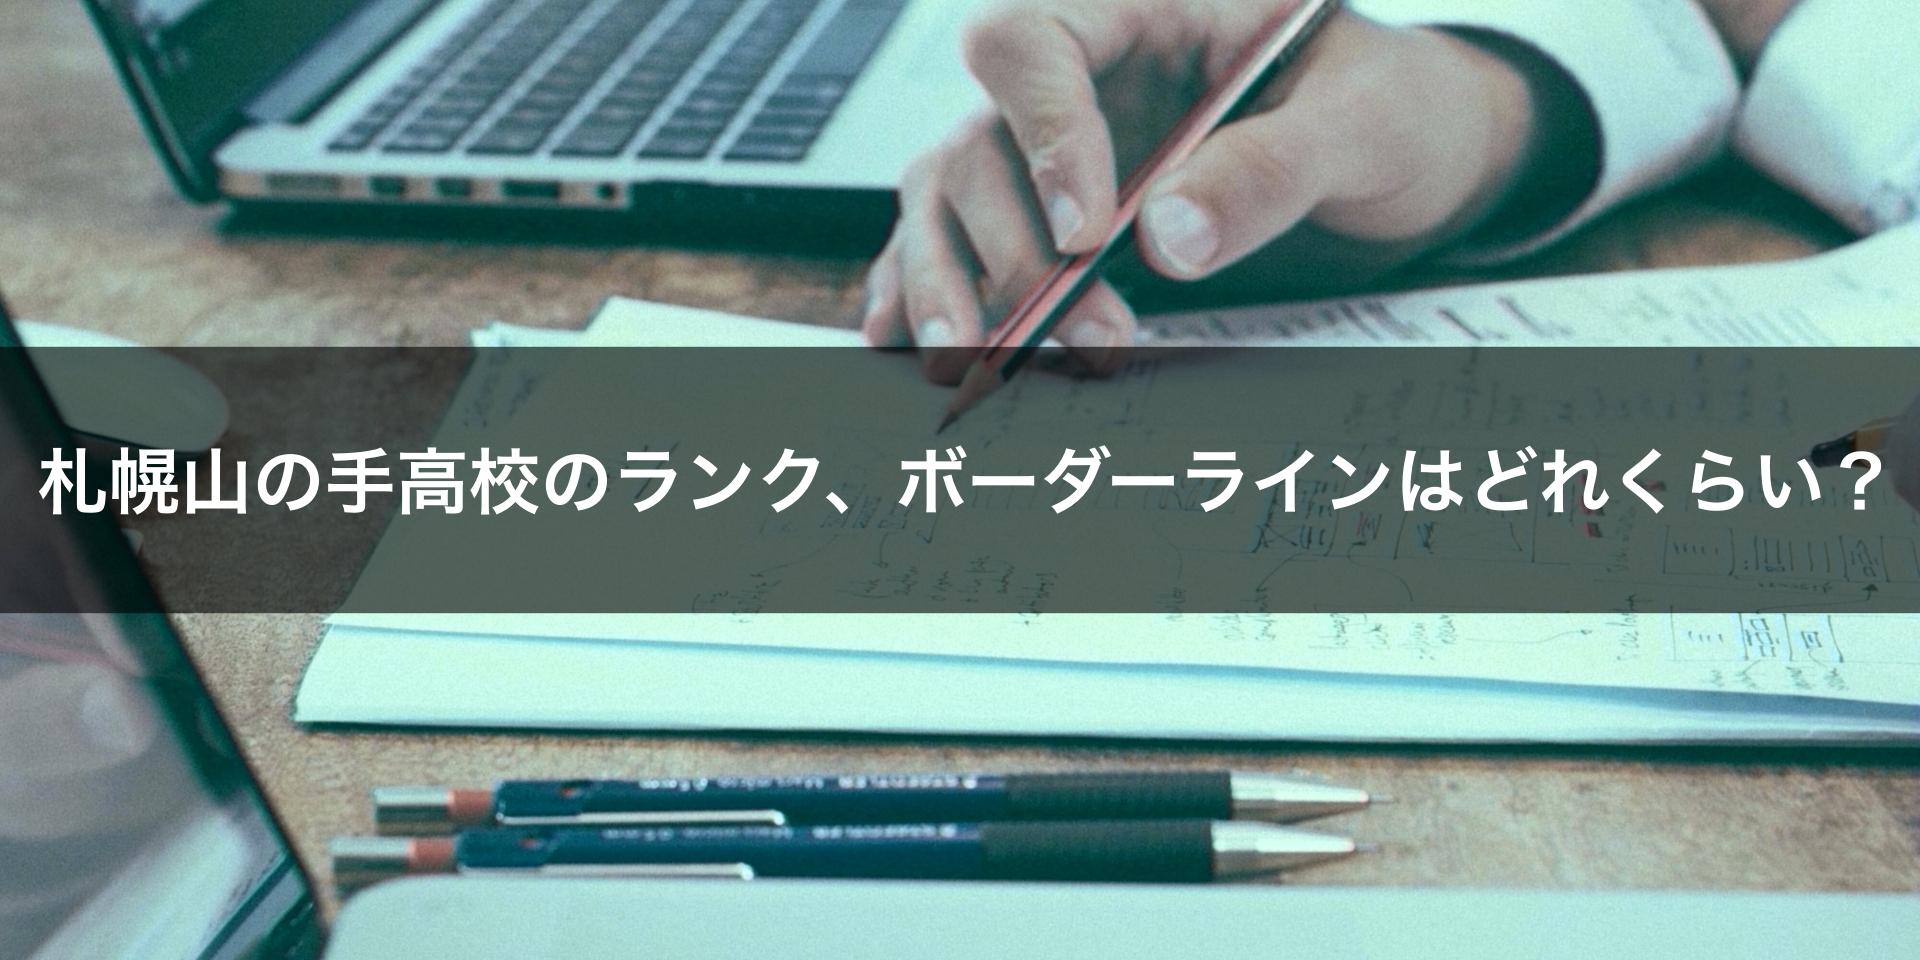 札幌山の手高校のランク、ボーダーラインはどれくらい?